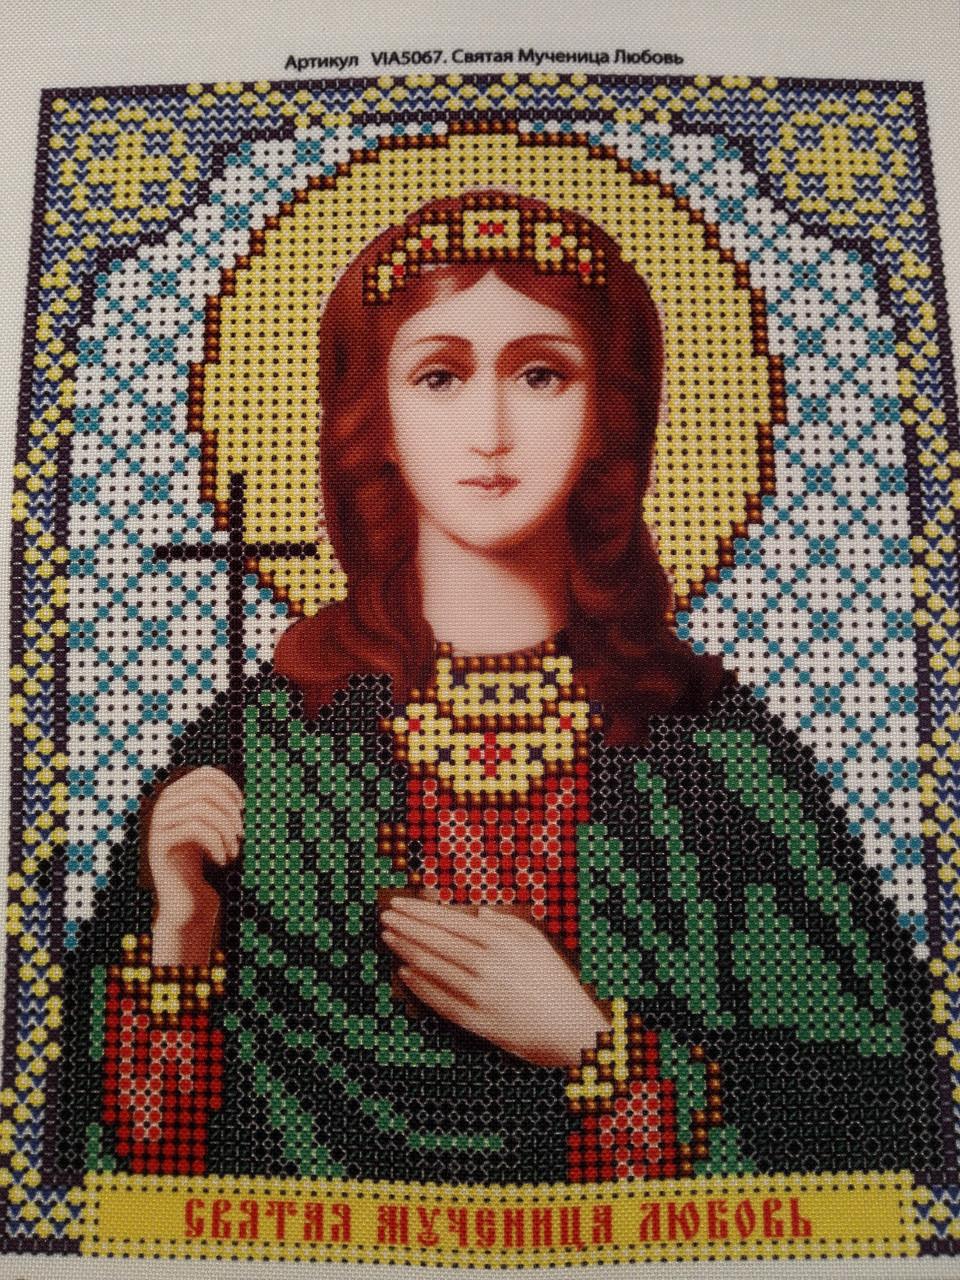 Набор для вышивки бисером икона Святая Мученица Любовь VIA 5067